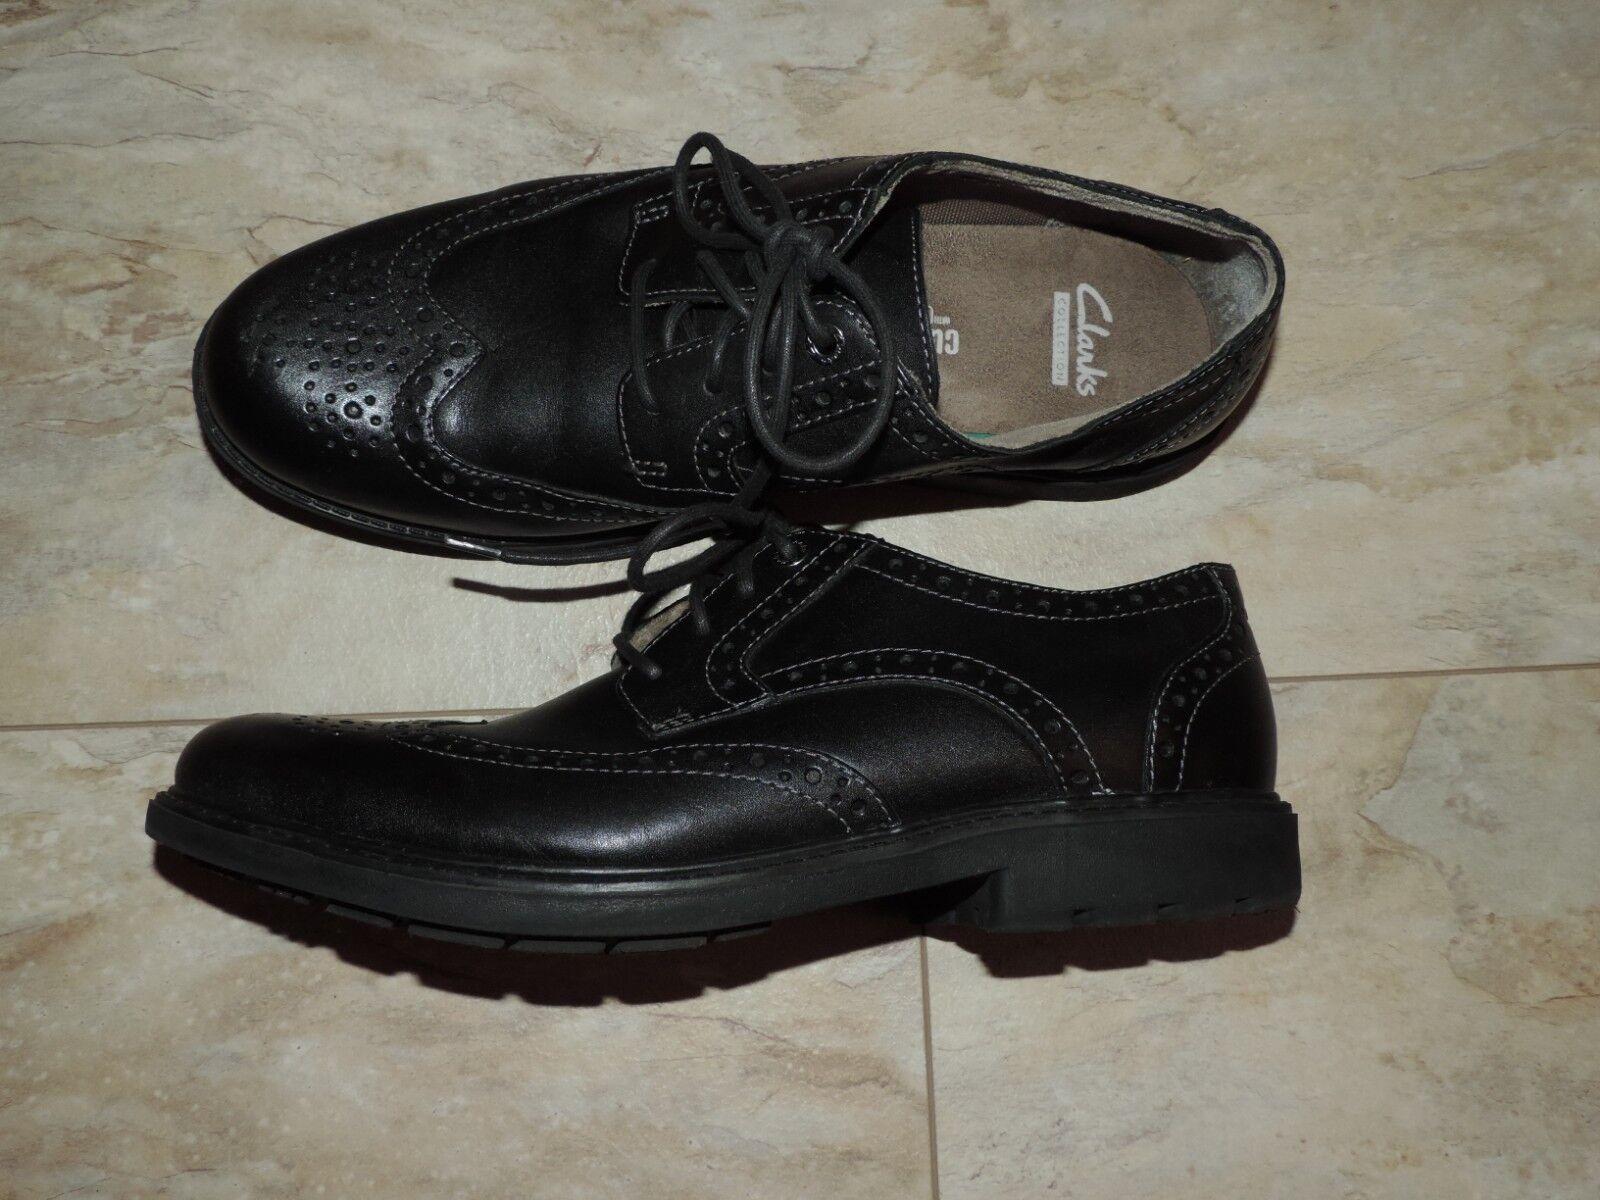 Clarks Gr. Herren Schuhe,Budapester, Gr. Clarks 44 UK 9,5, c1ab84